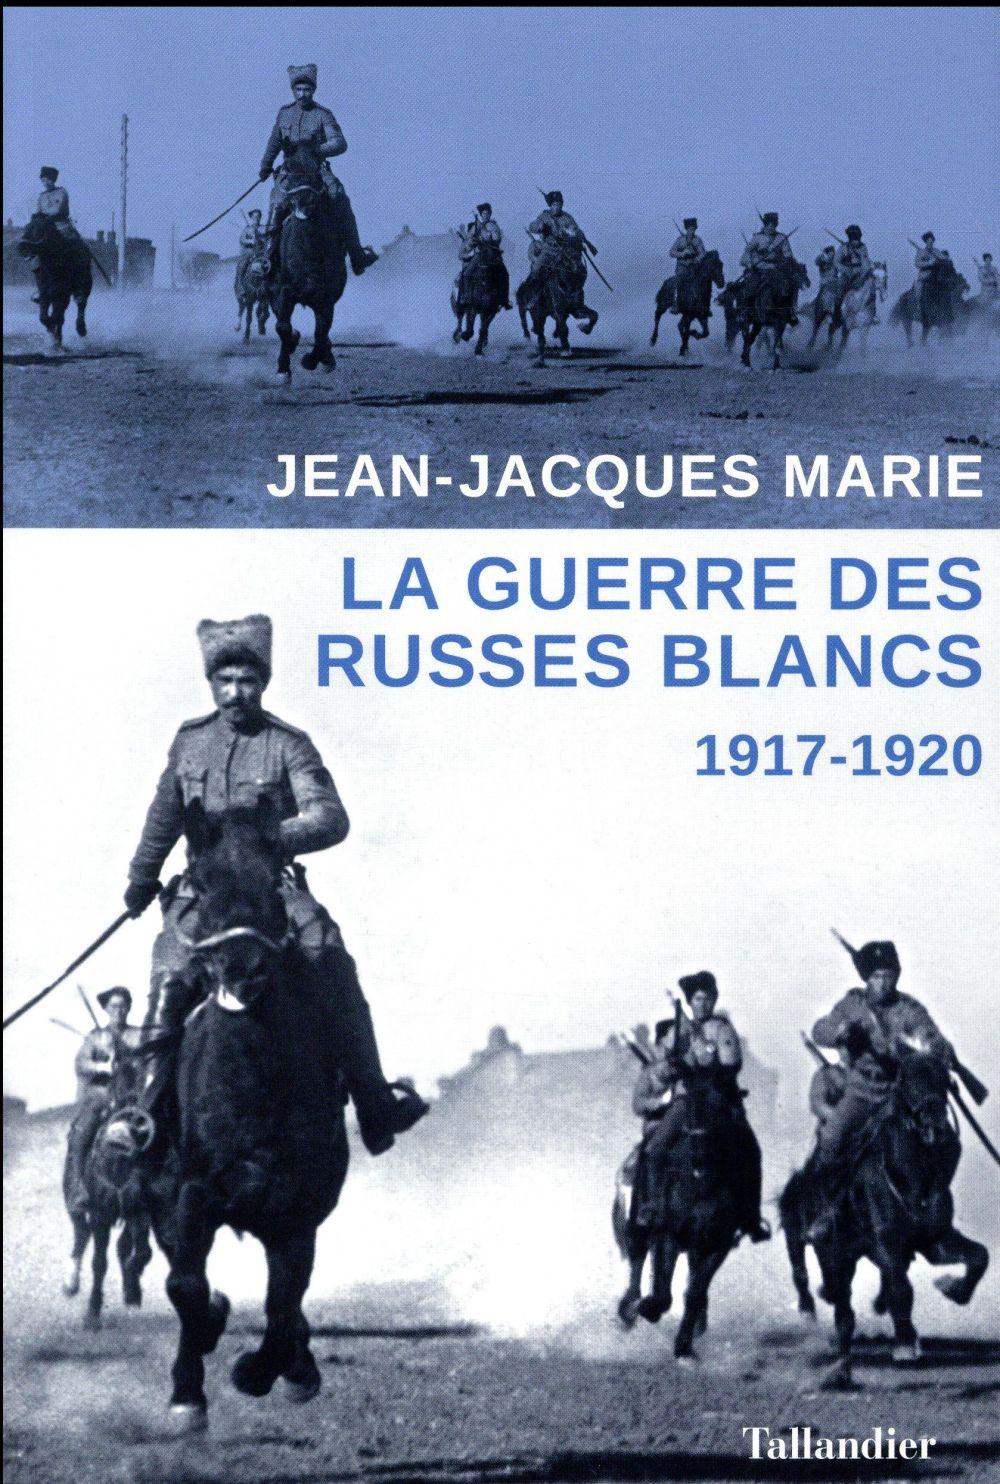 LA GUERRE DES RUSSES BLANCS 1917-1920